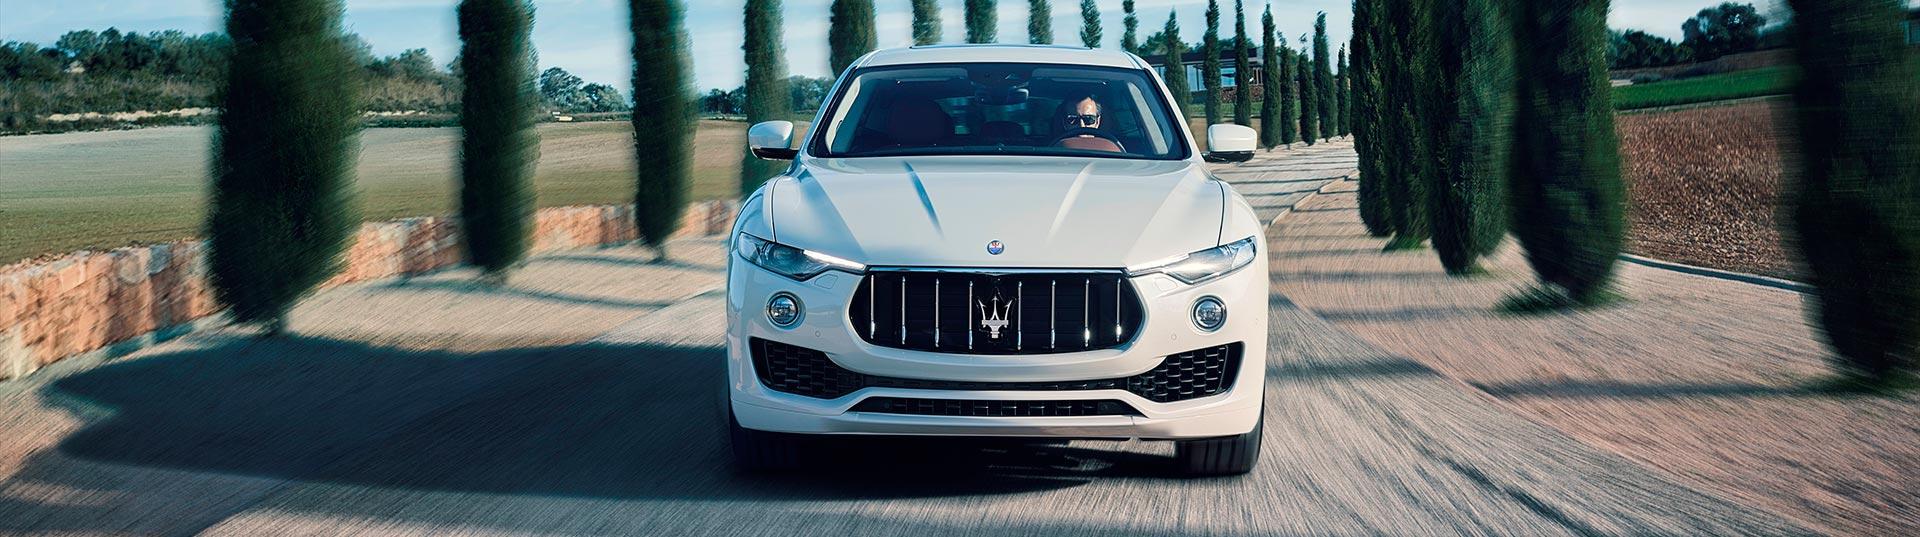 Pneus Bridgestone equipam Maserati Levante